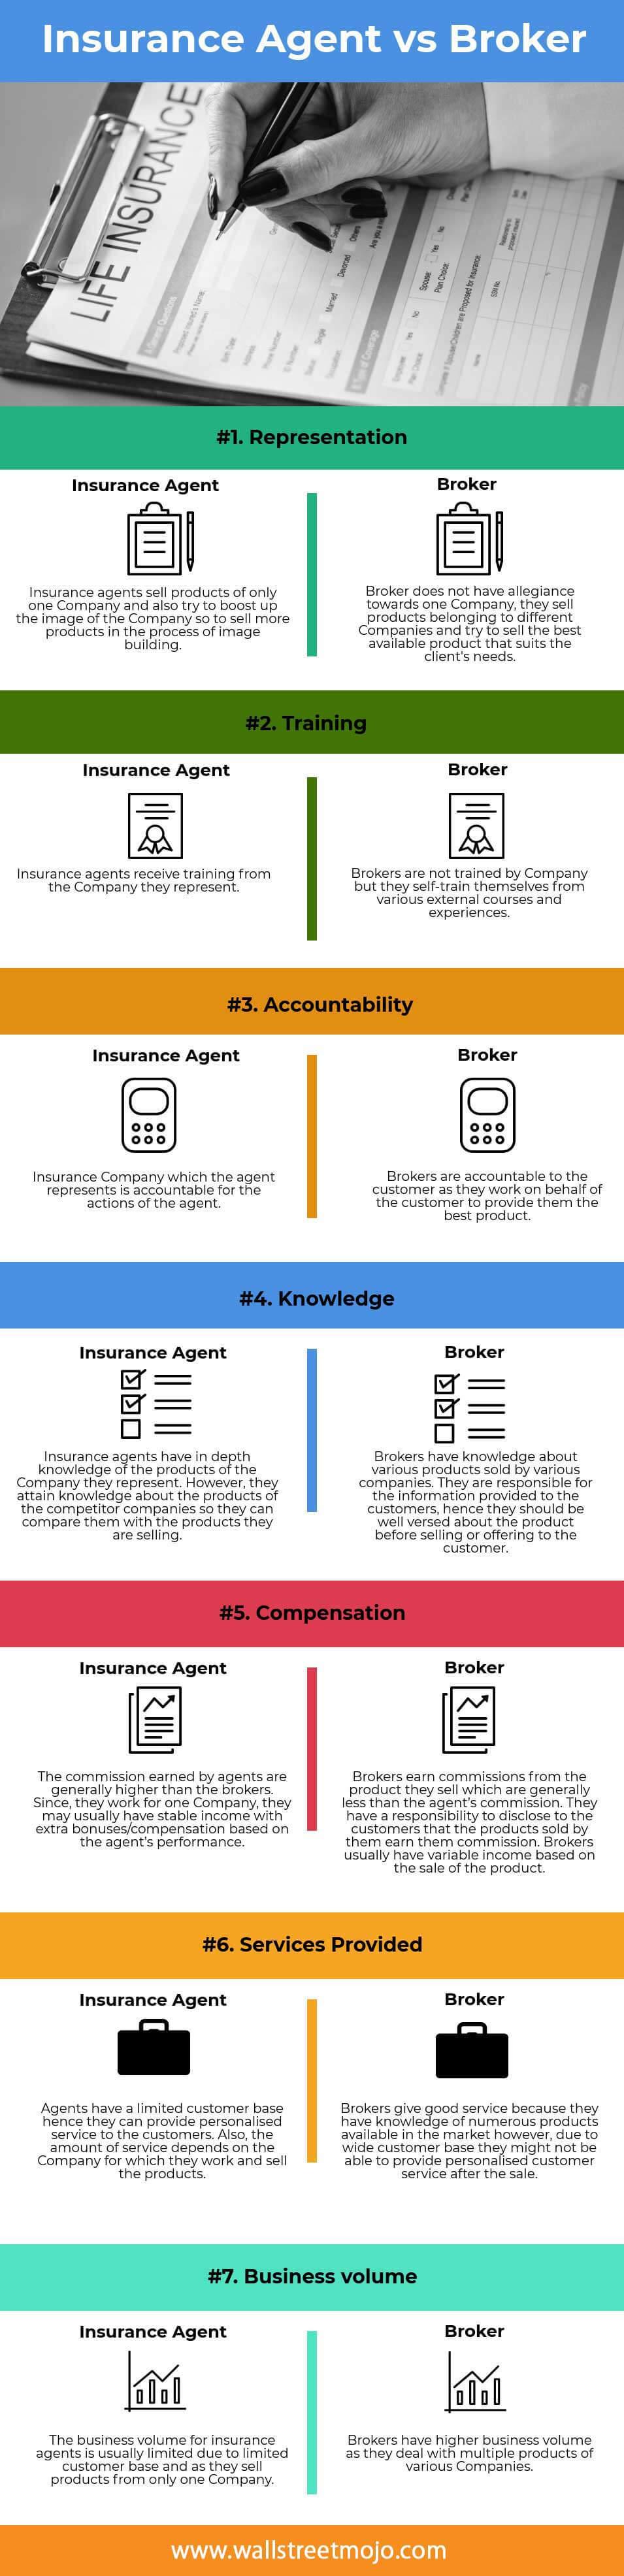 Insurance-Agent-vs-Broker-info